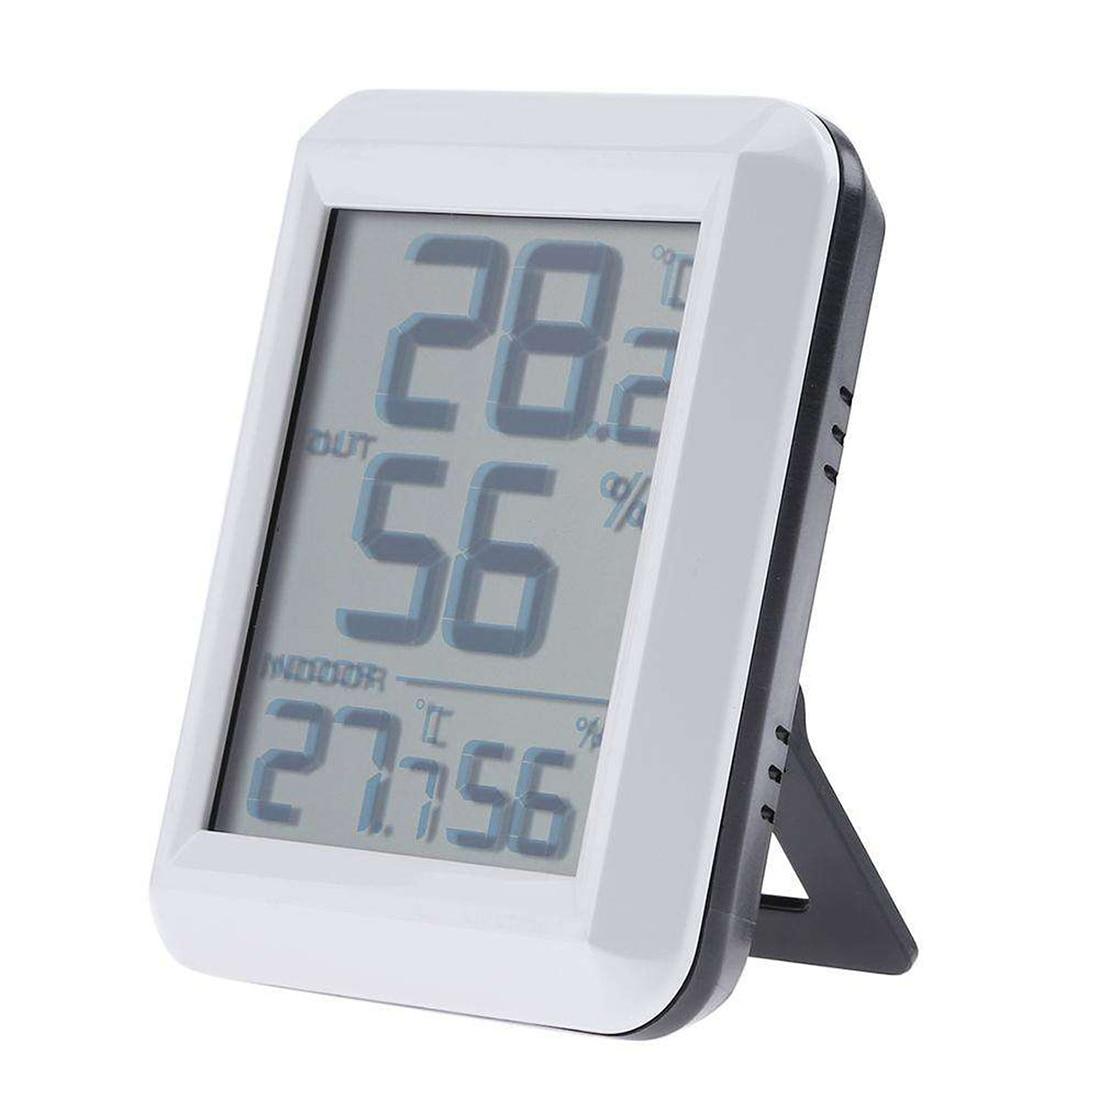 Новинка, электронный измеритель температуры и влажности для помещений и улицы, Беспроводная метеостанция с термометром, гигрометром